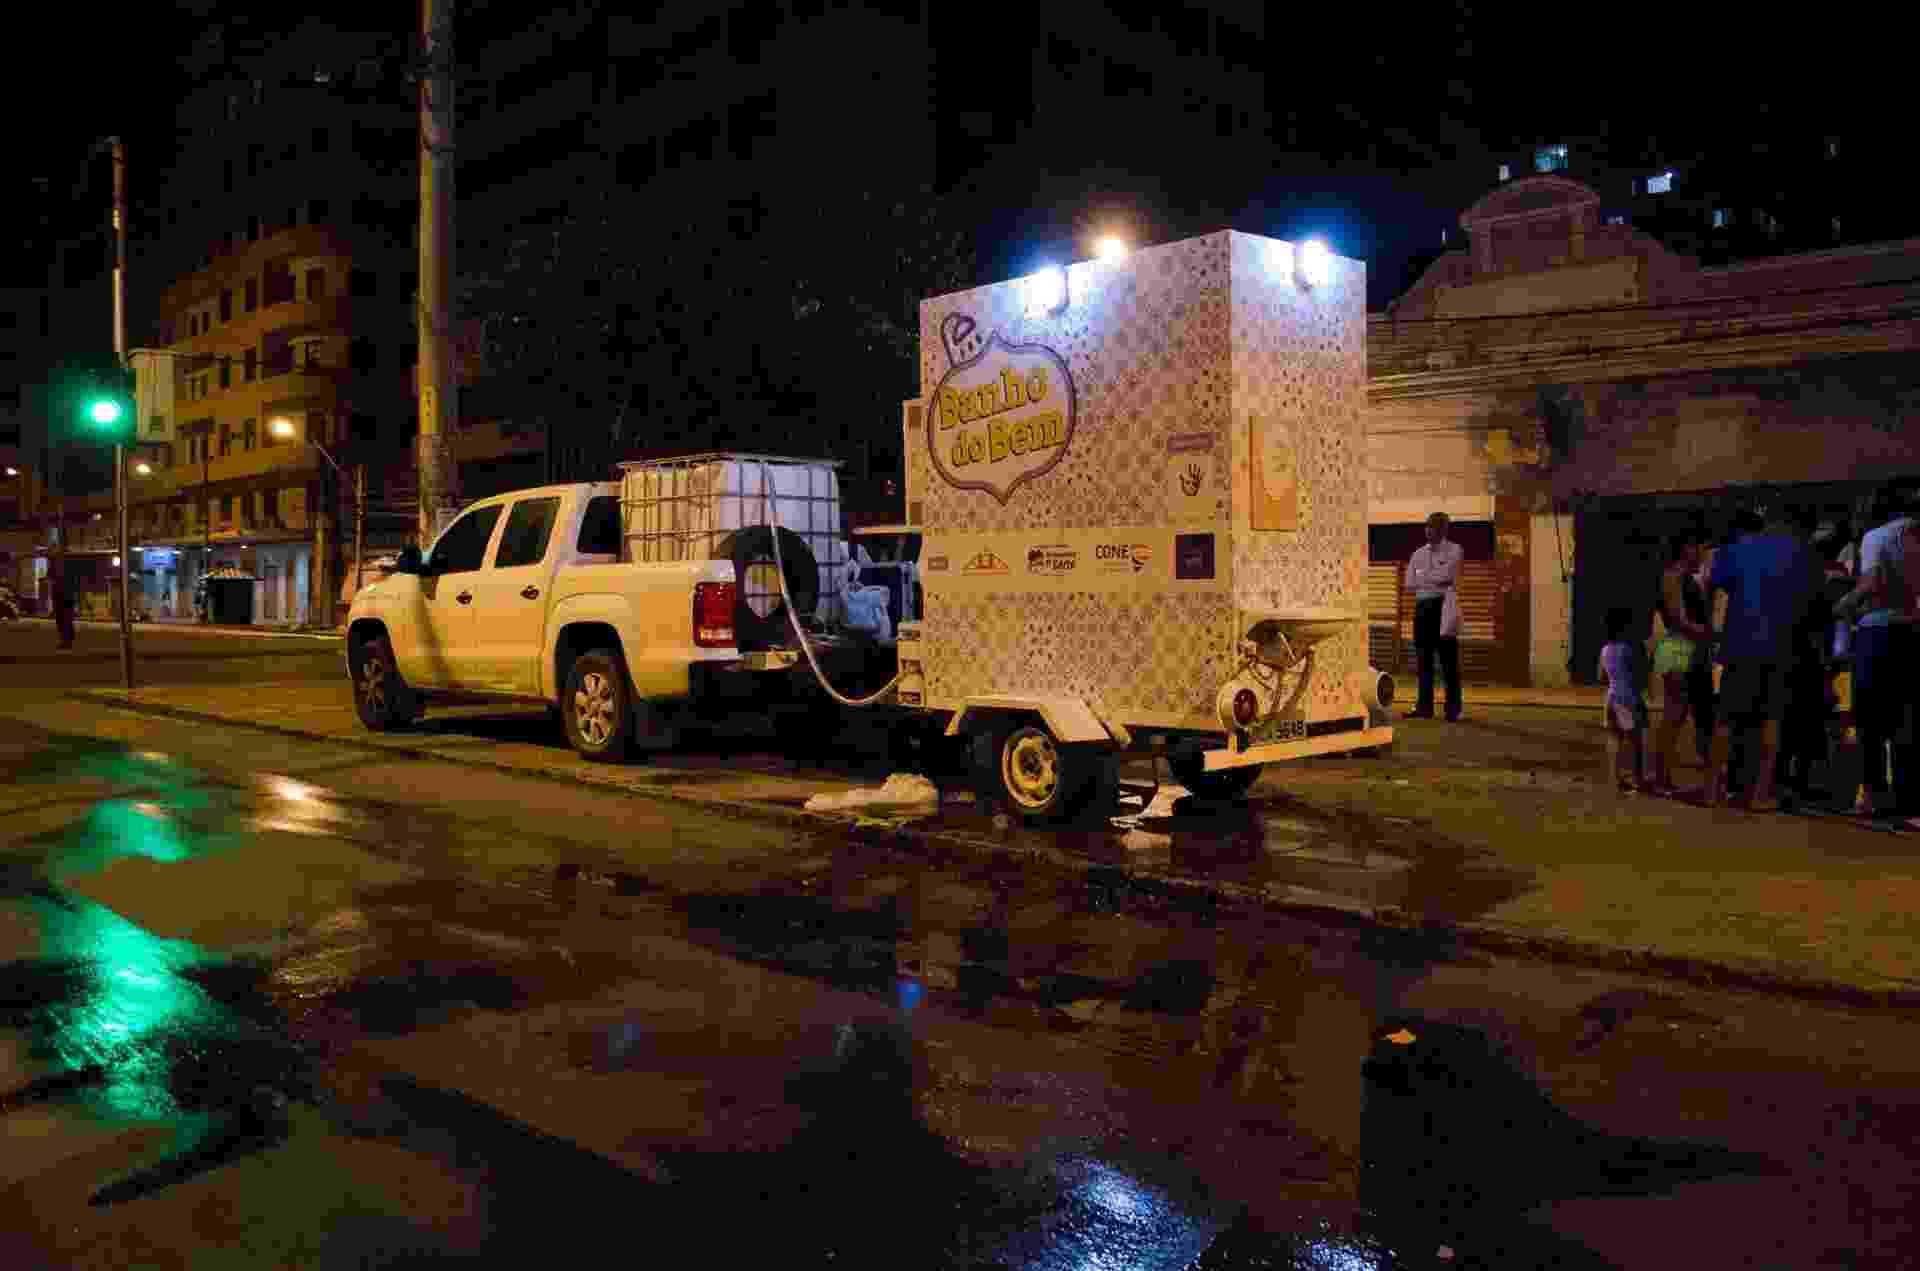 Um projeto construído a partir de financiamento coletivo está levando banheiros móveis para higiene básica de moradores de rua no Recife (PE) desde setembro. - Vanessa Araújo